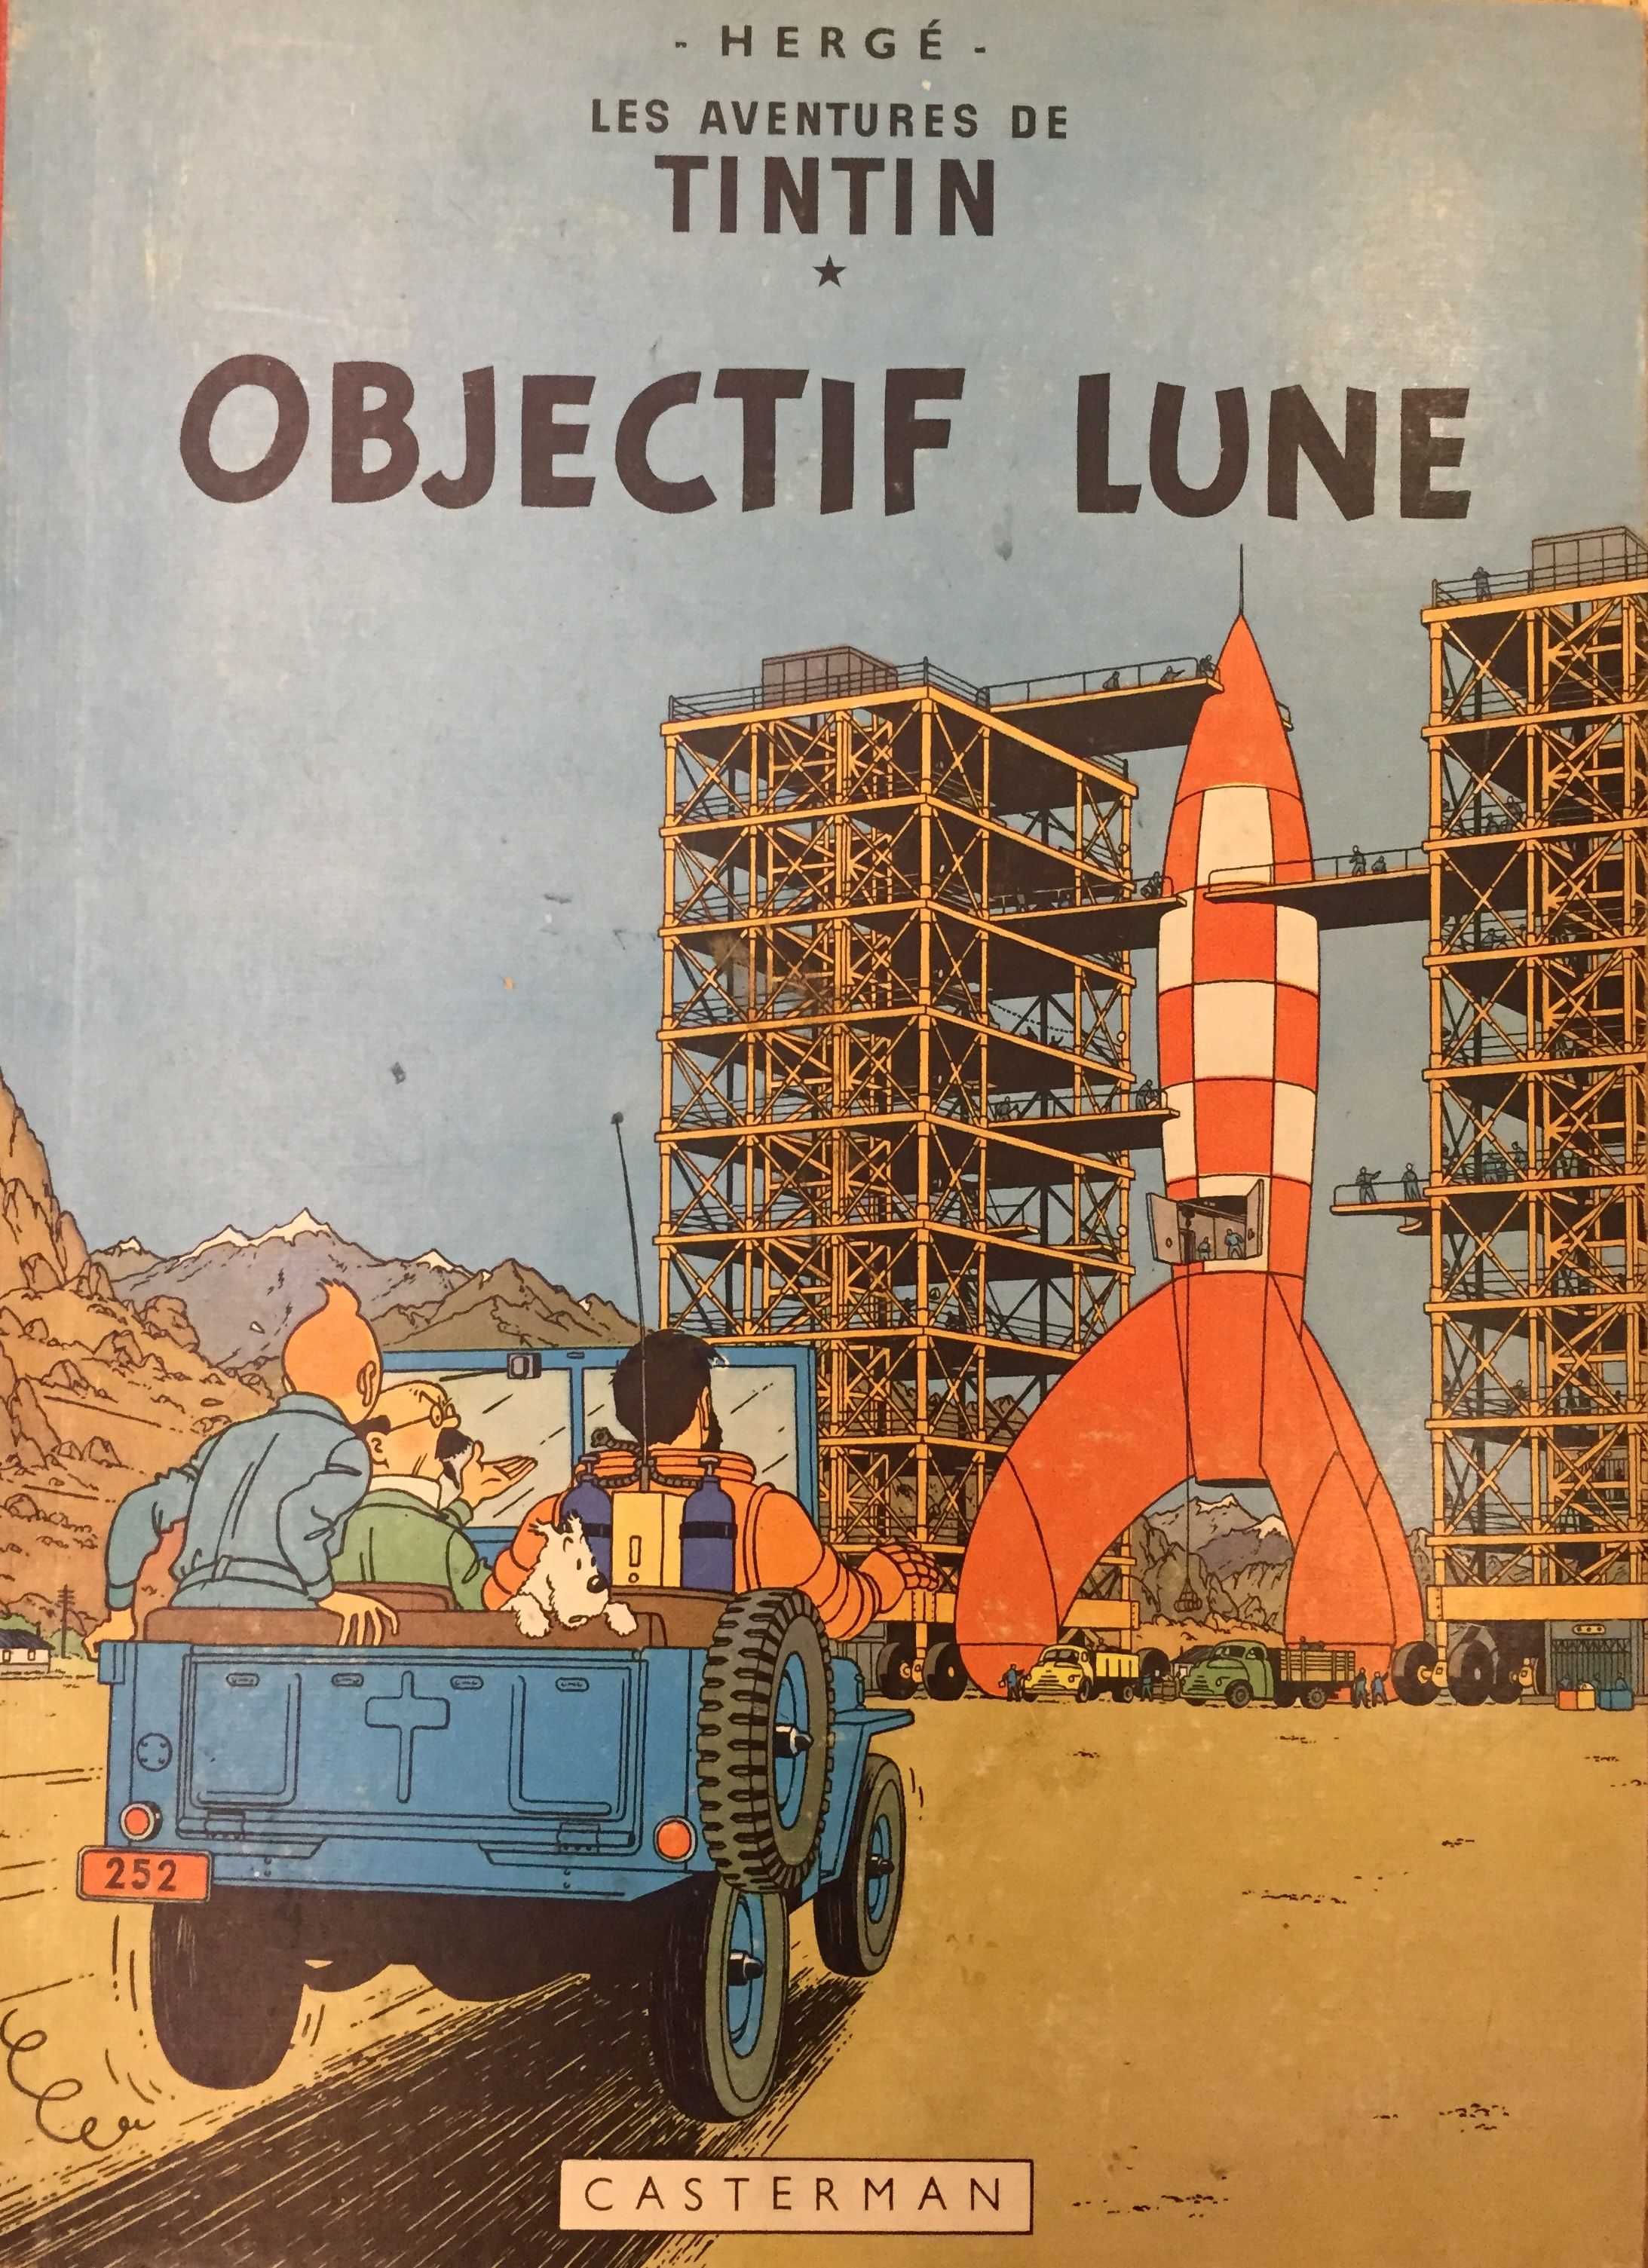 Le aventures de Tintin. Objectif lune